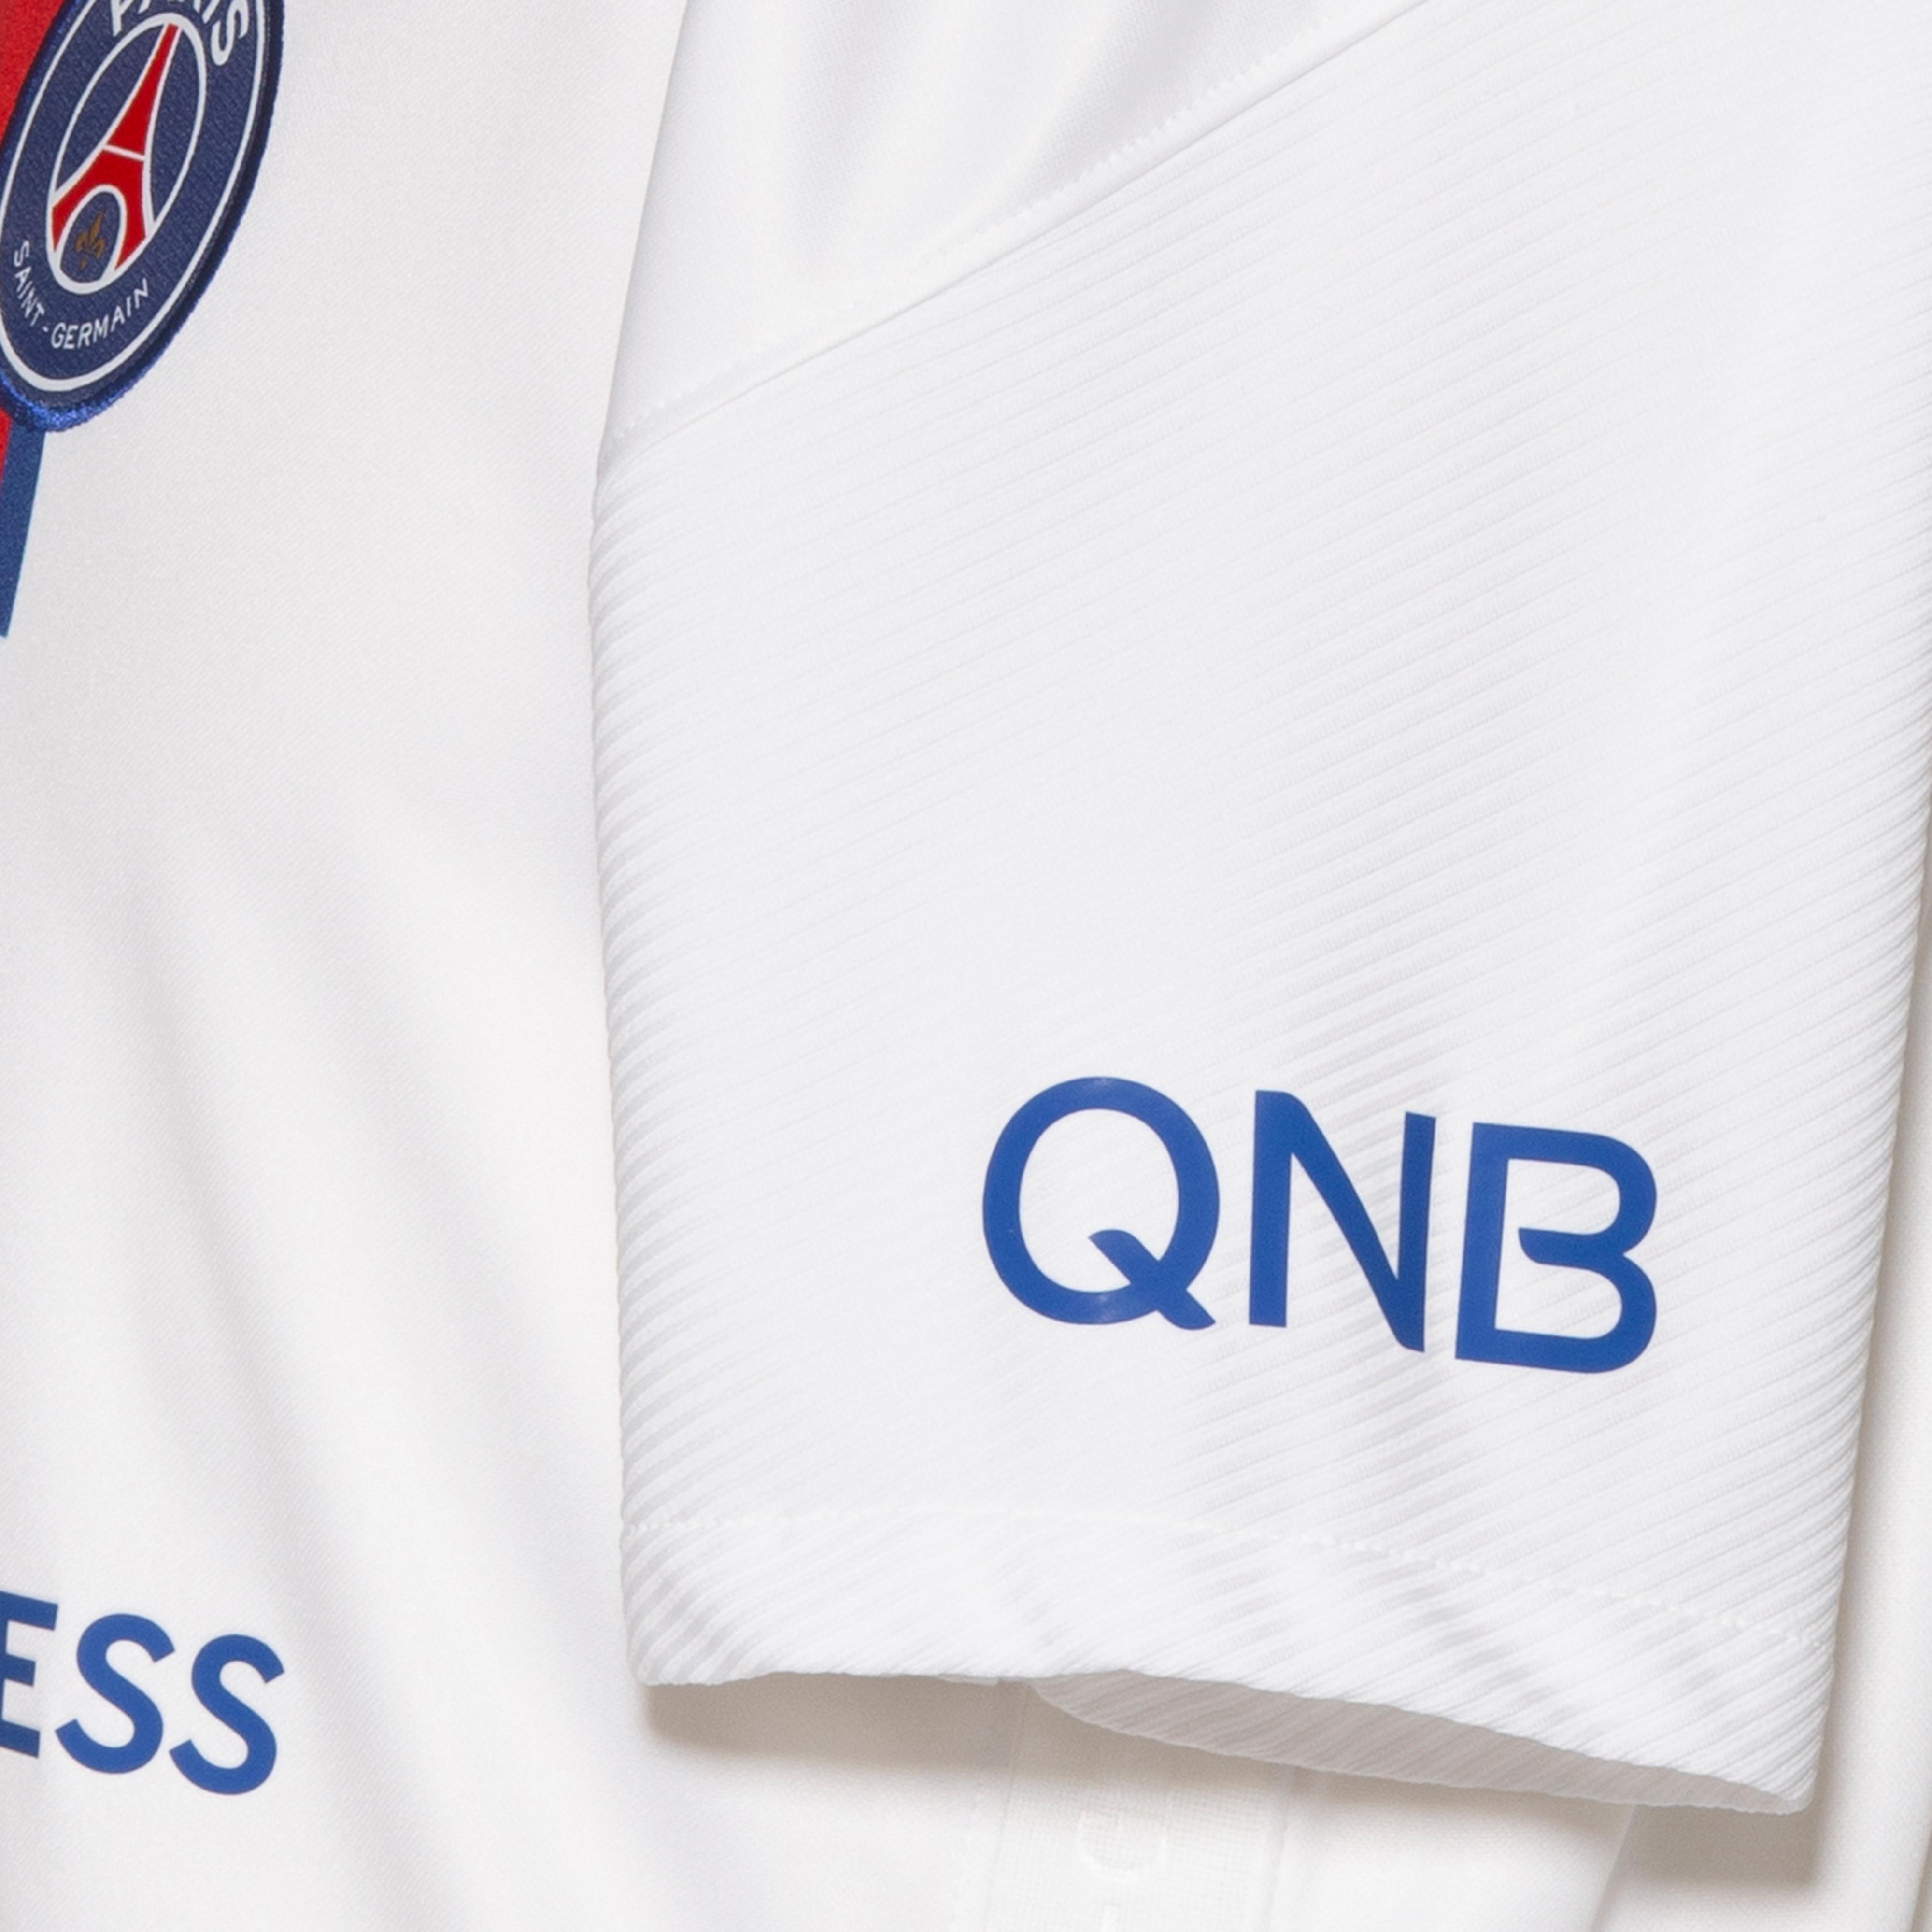 nike paris saint germain 20 21 auswarts trikot herren white old royal im online shop von sportscheck kaufen